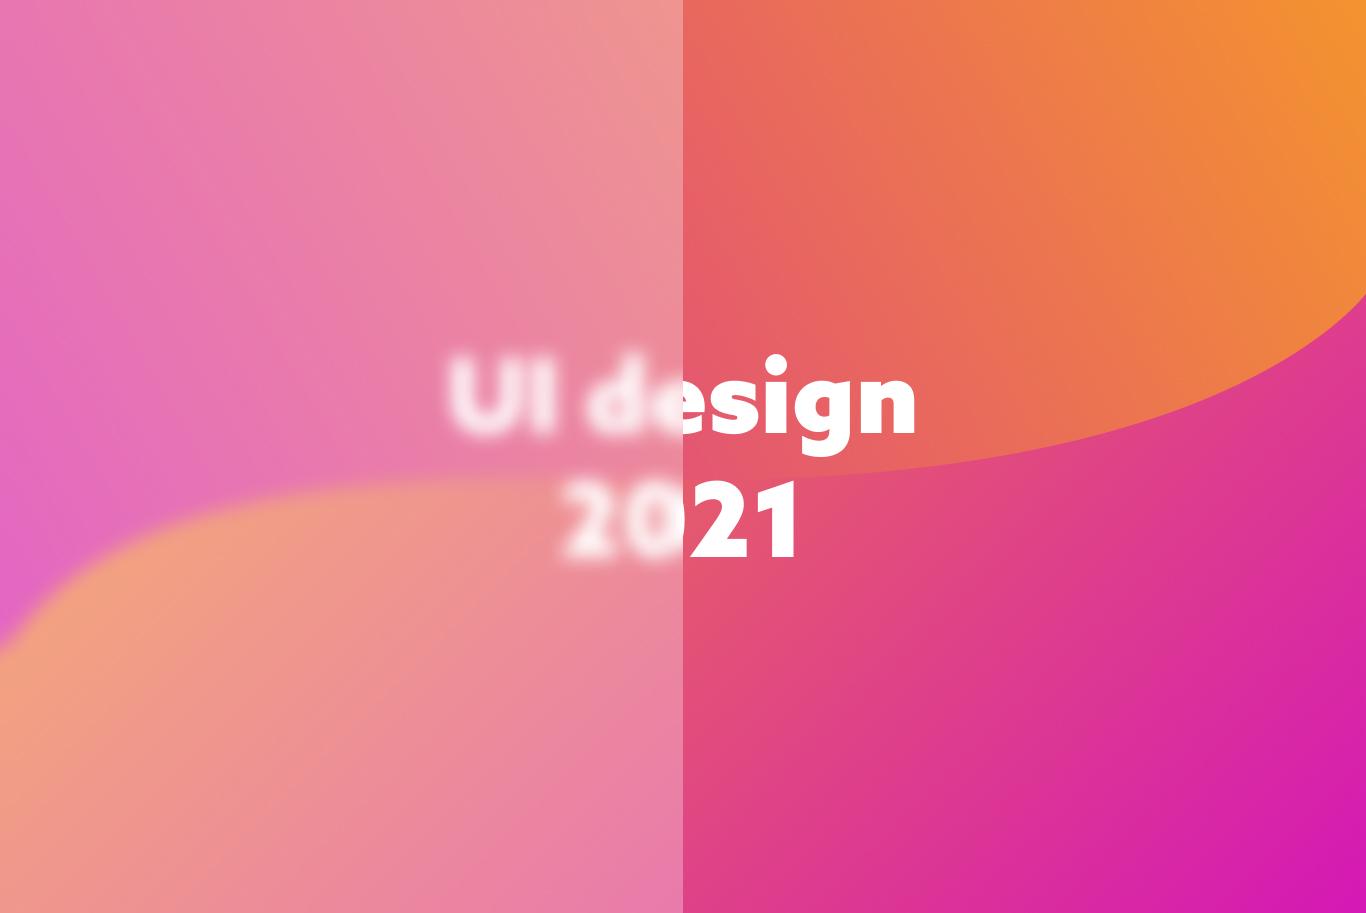 """Bild med text """"UI design 2021"""""""